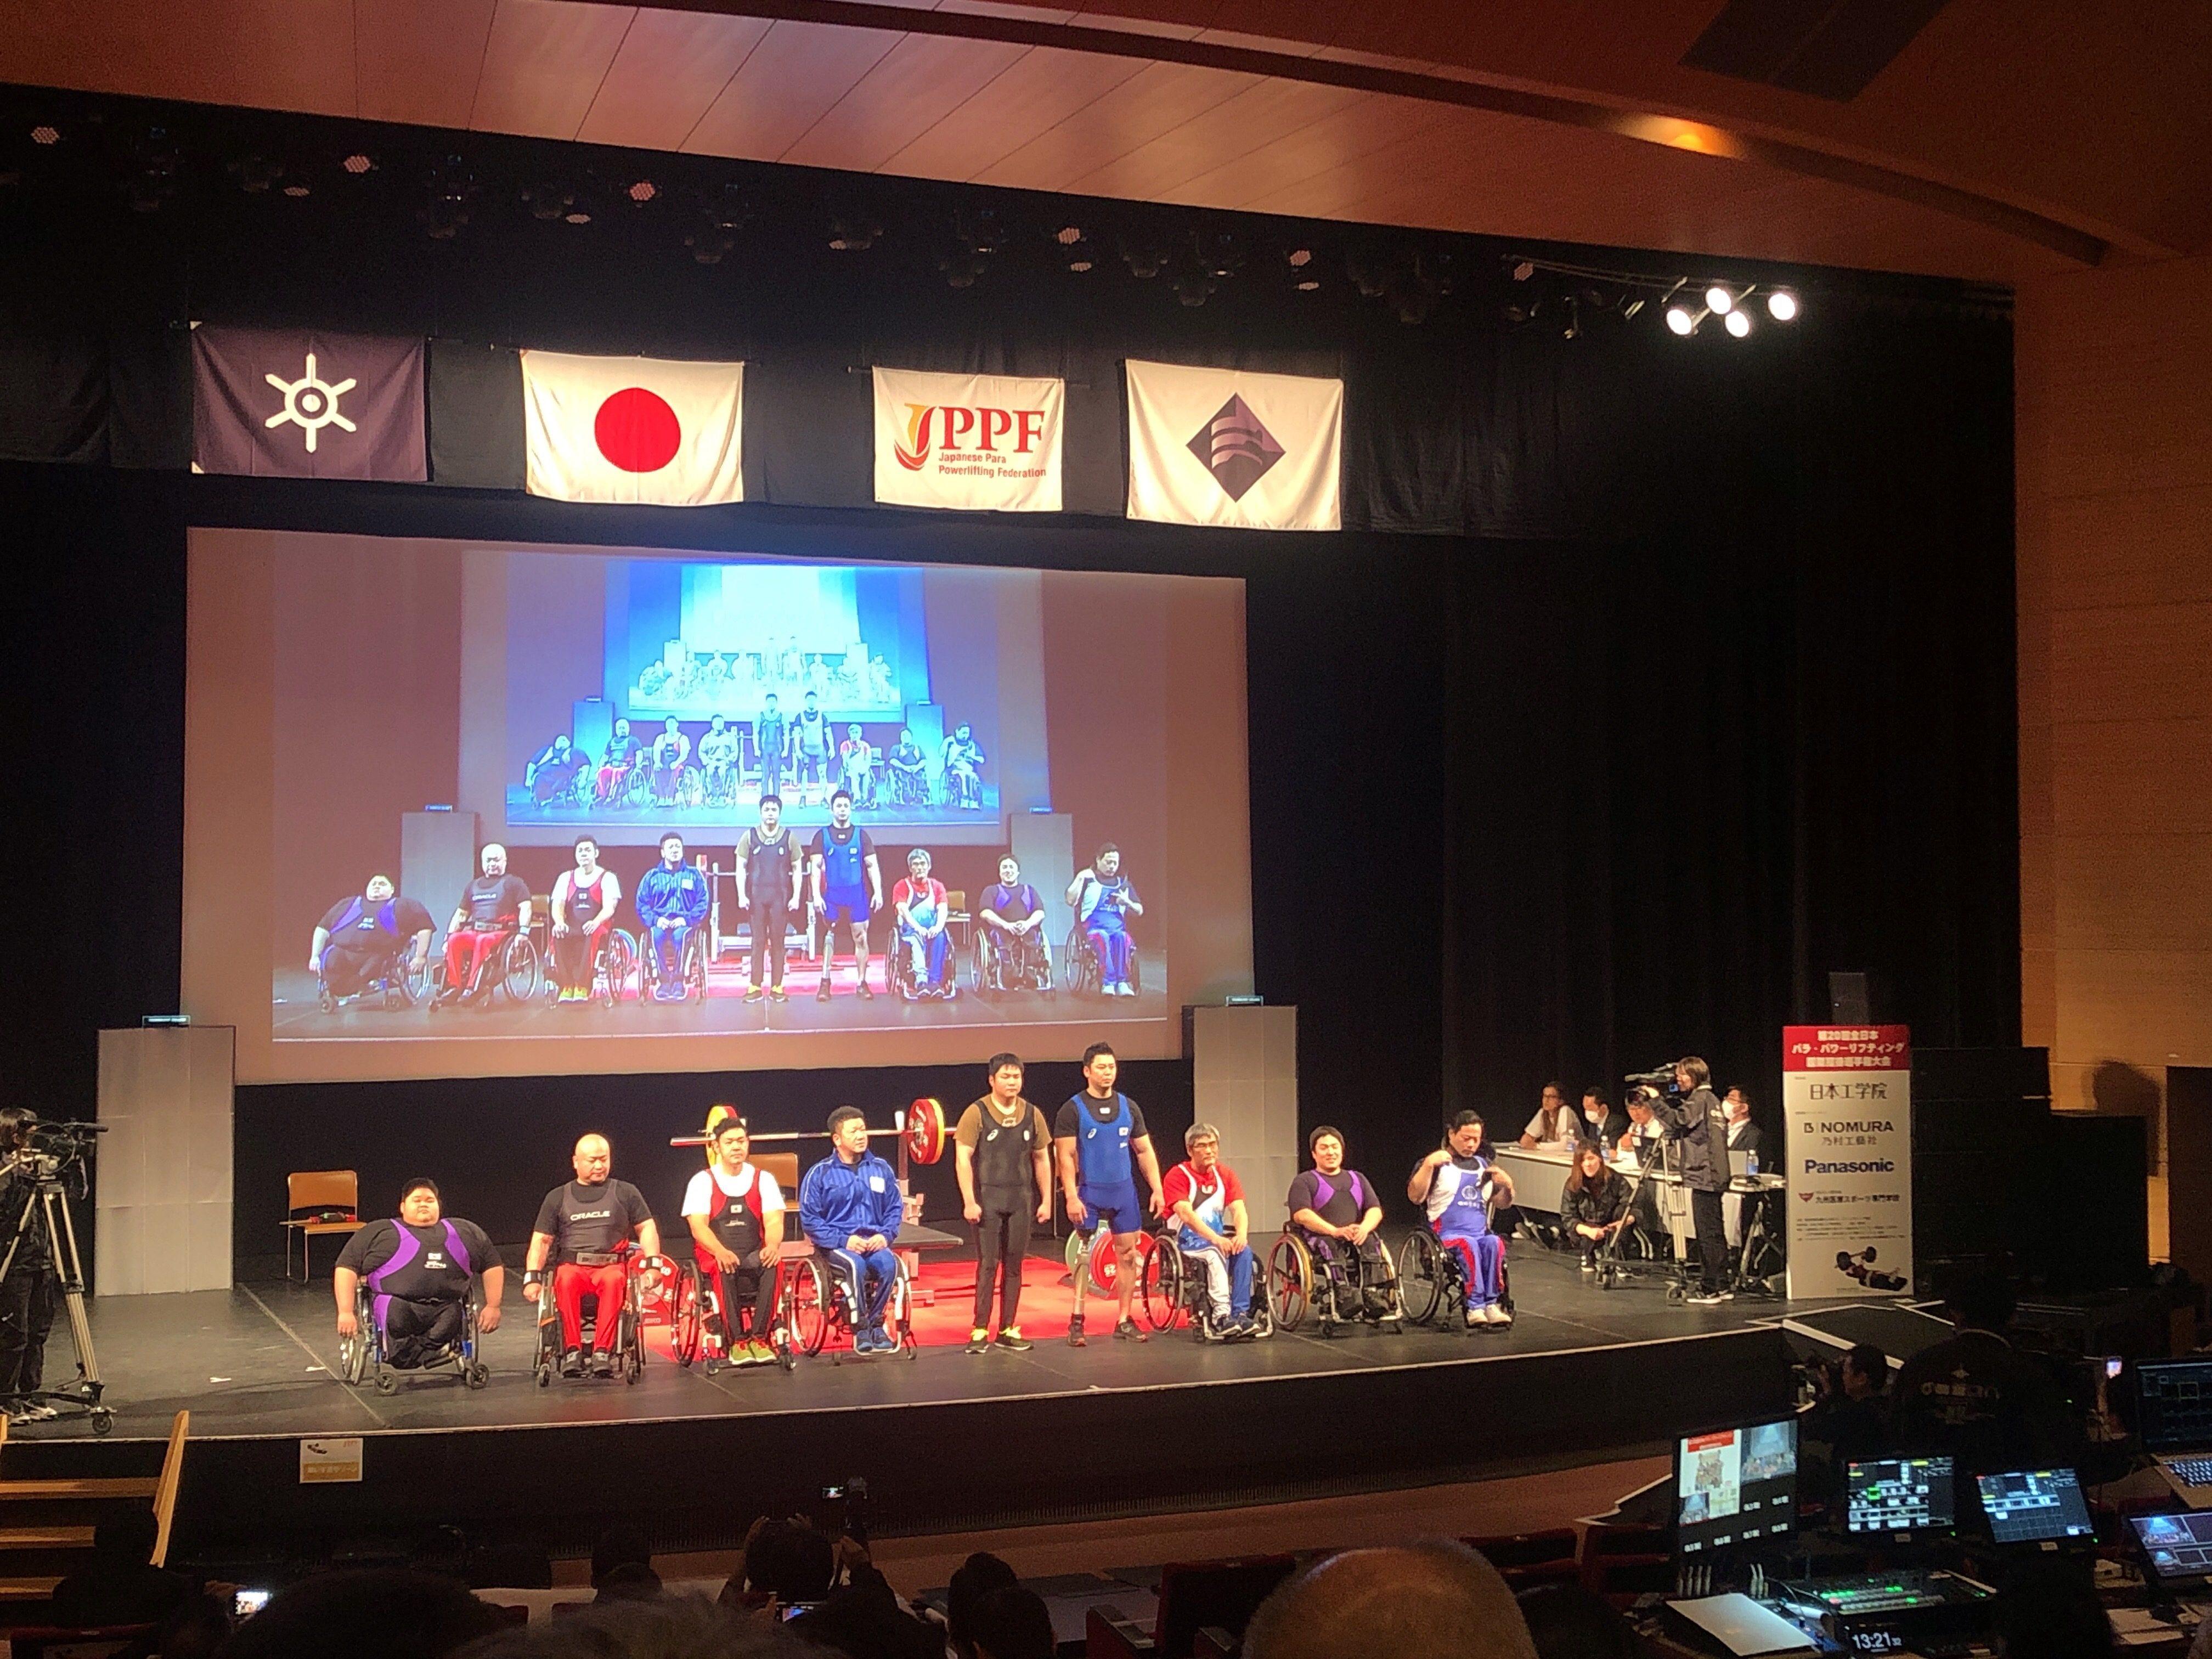 第20回 パラパワーリフティング国際招待選手権大会